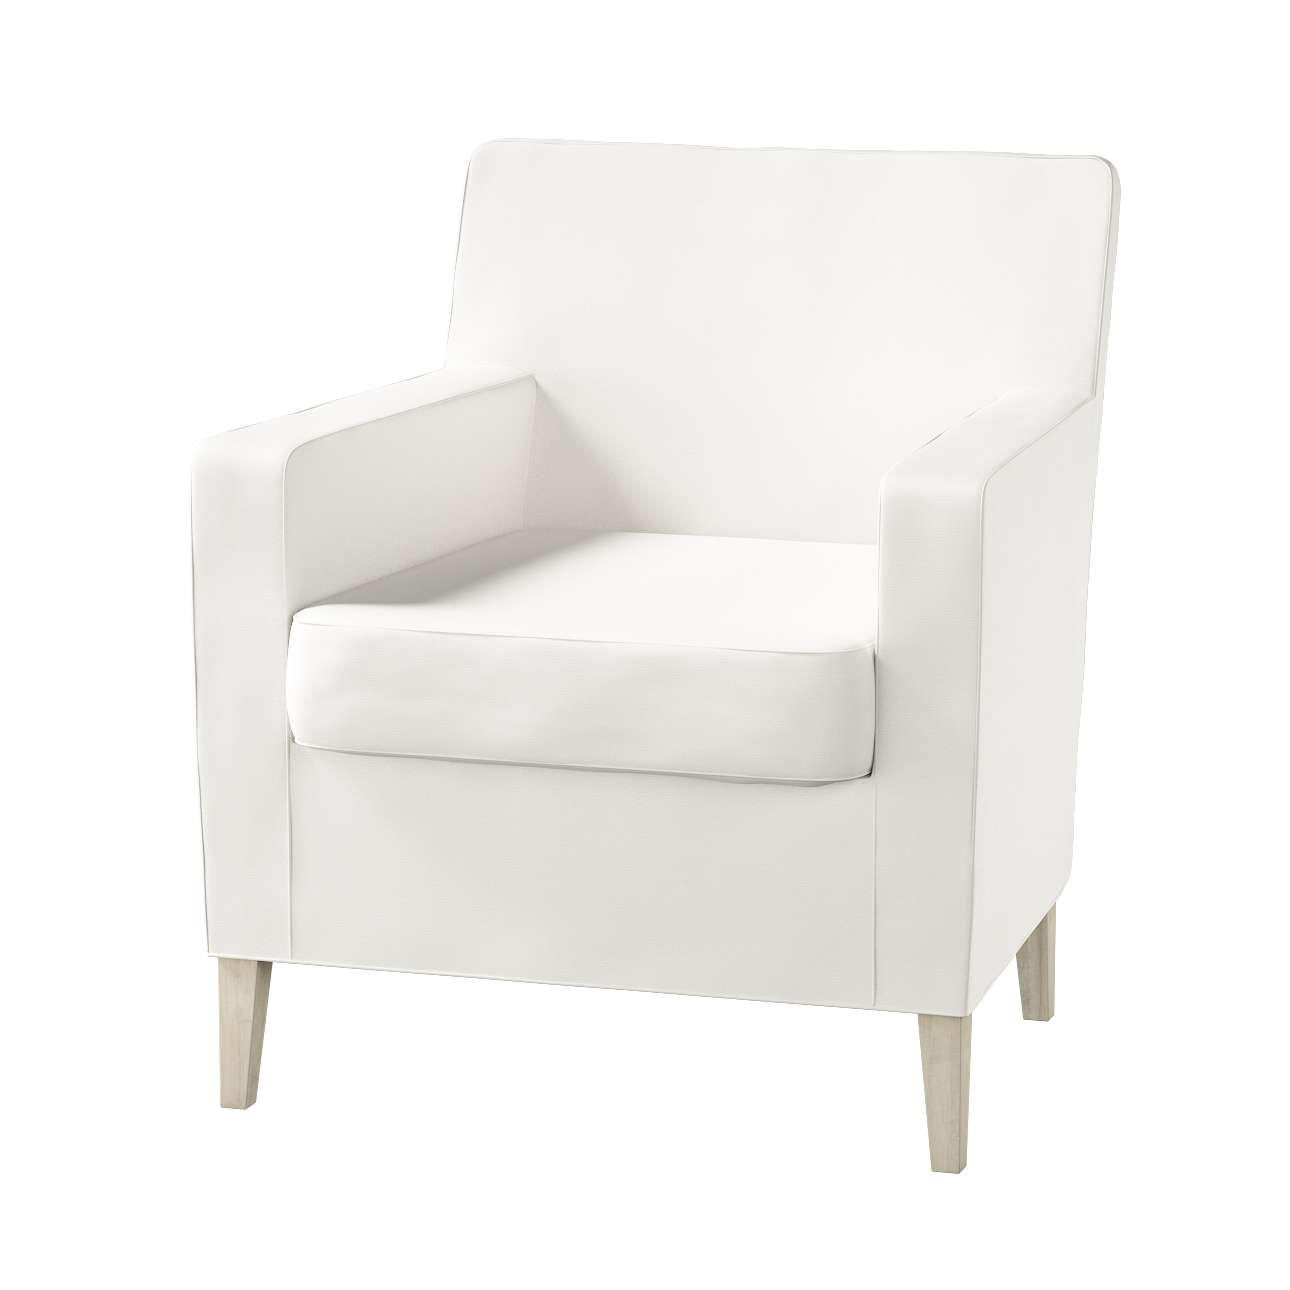 Karlstad fotelio-kėdės užvalkalas Karlstad fotelio - kėdės užvalkalas kolekcijoje Cotton Panama, audinys: 702-34